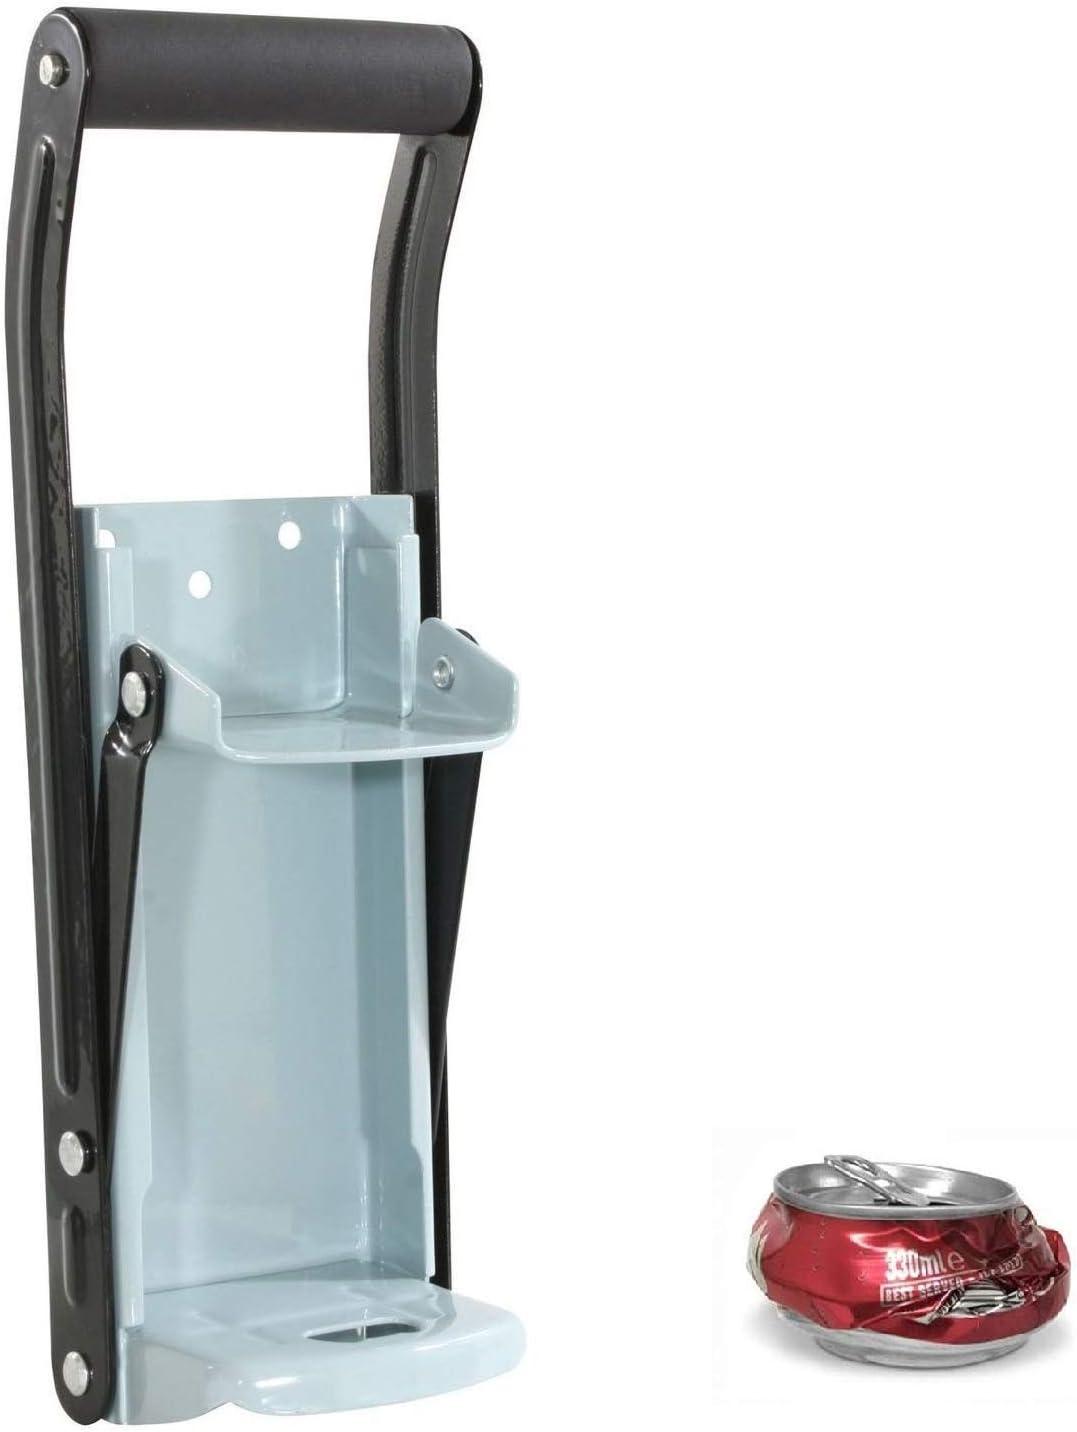 Reciclaje Triturador de latas de soda cerveza para latas de bebida / Aplastador de latas (16 onzas de hasta 500 ml)